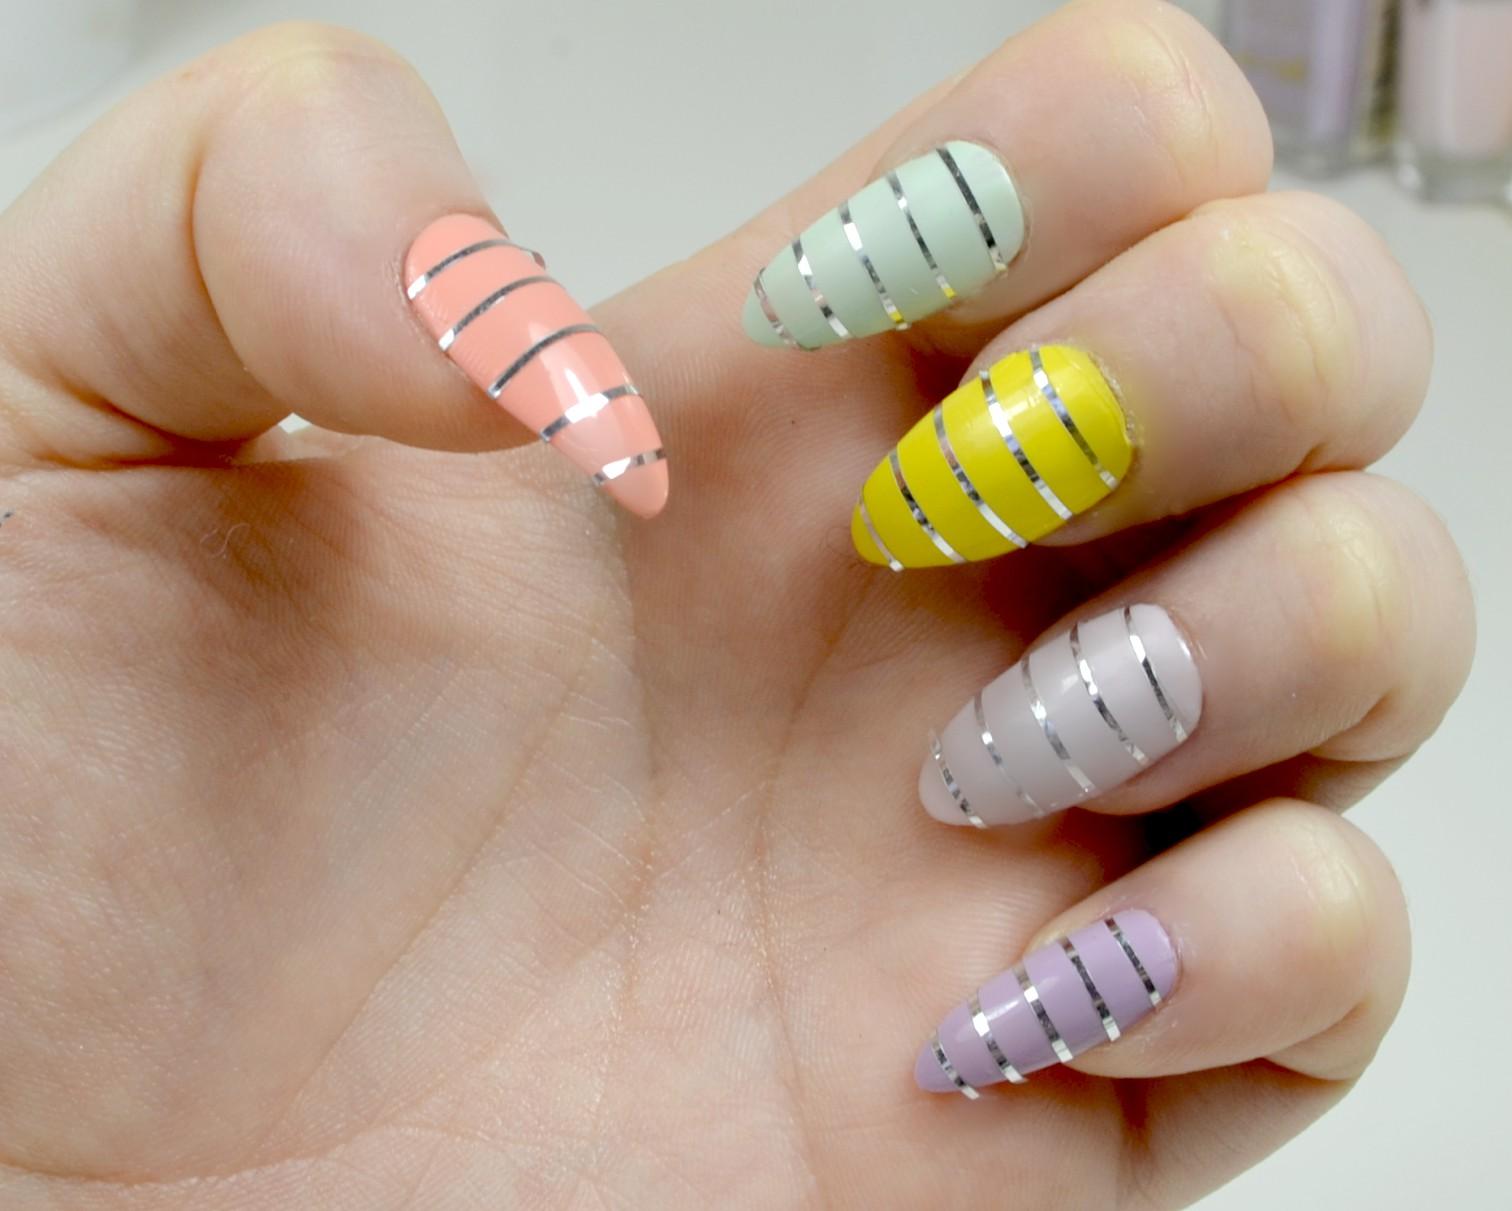 tease flutter pout easter nails